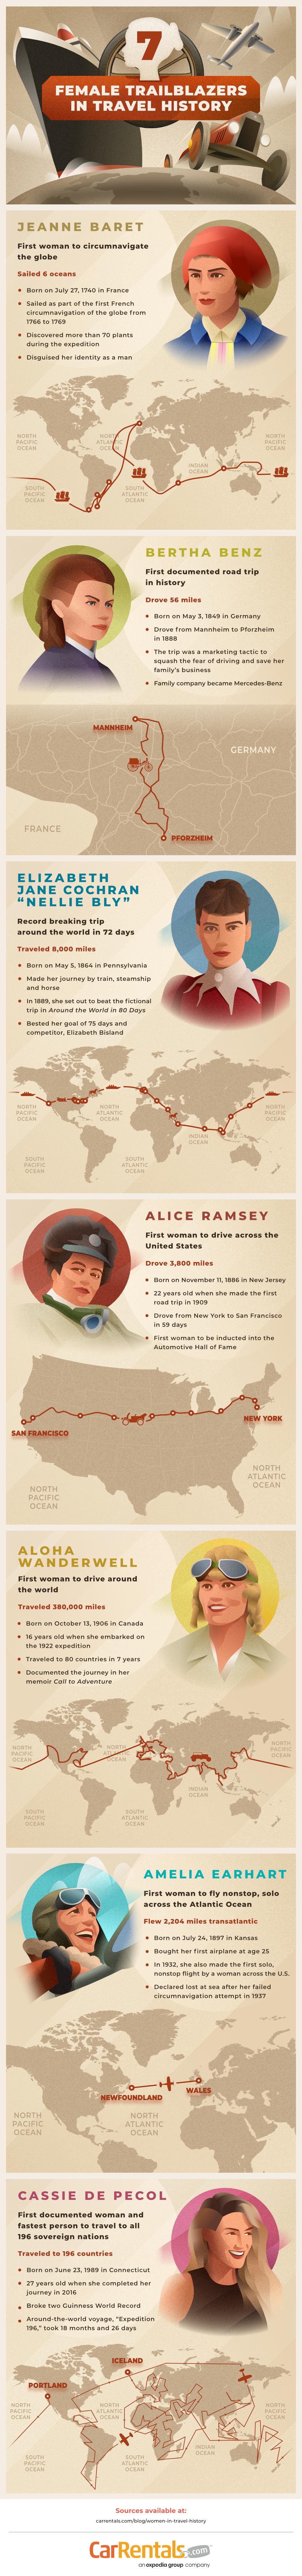 carrentals-women-in-travel-history-ig.jpg